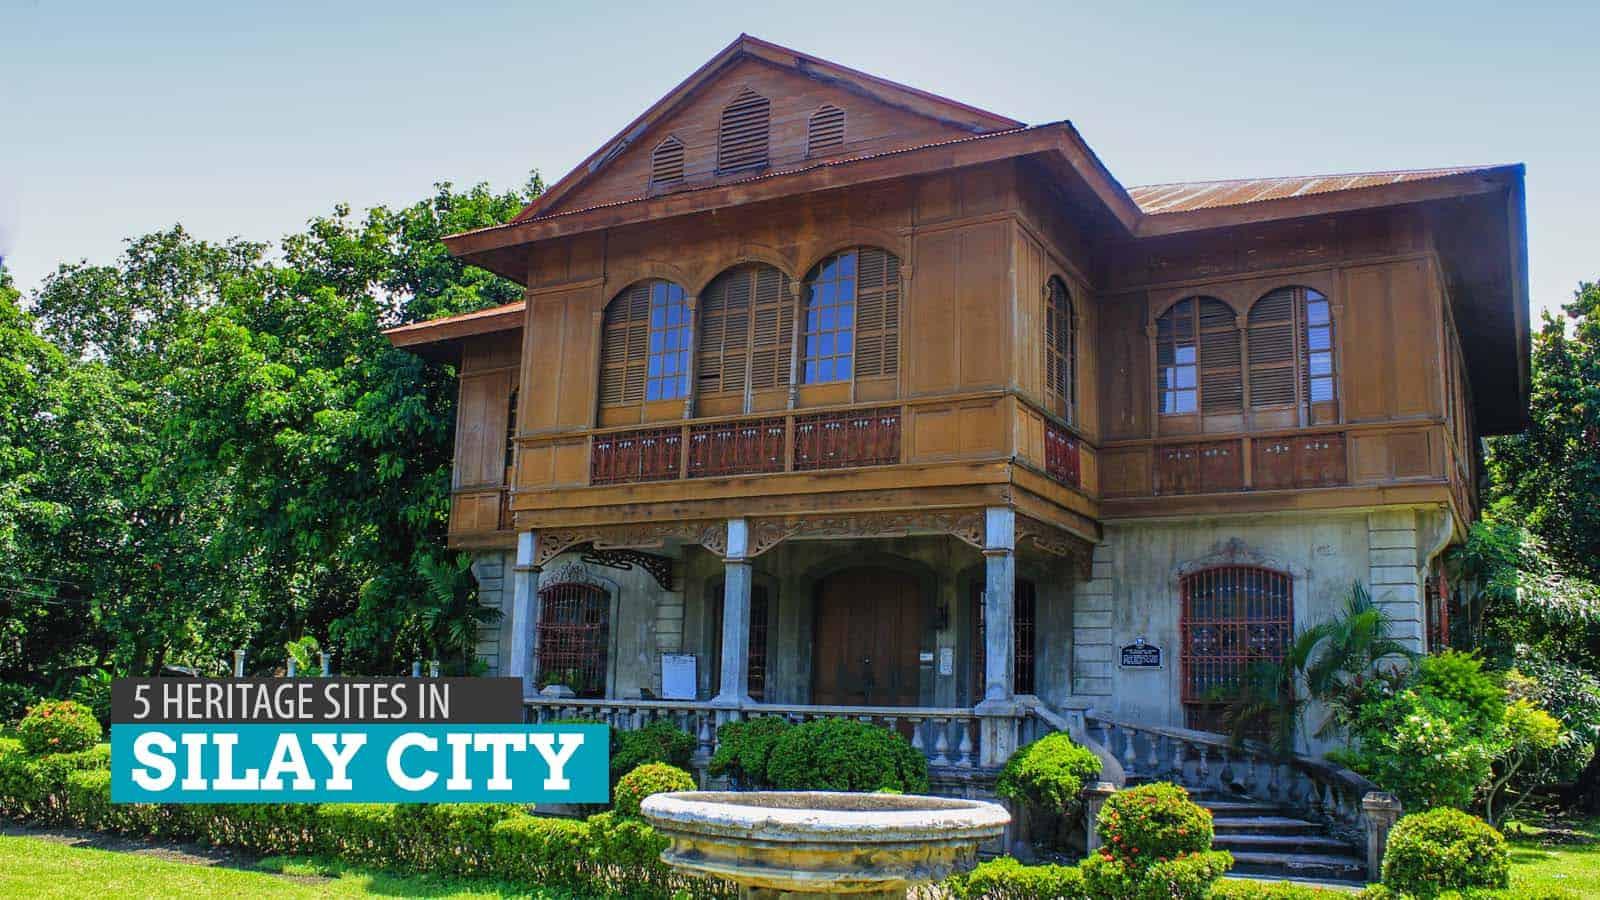 西内格罗省SILAY市5个值得参观的遗产地 | 穷游者的行程安排博客